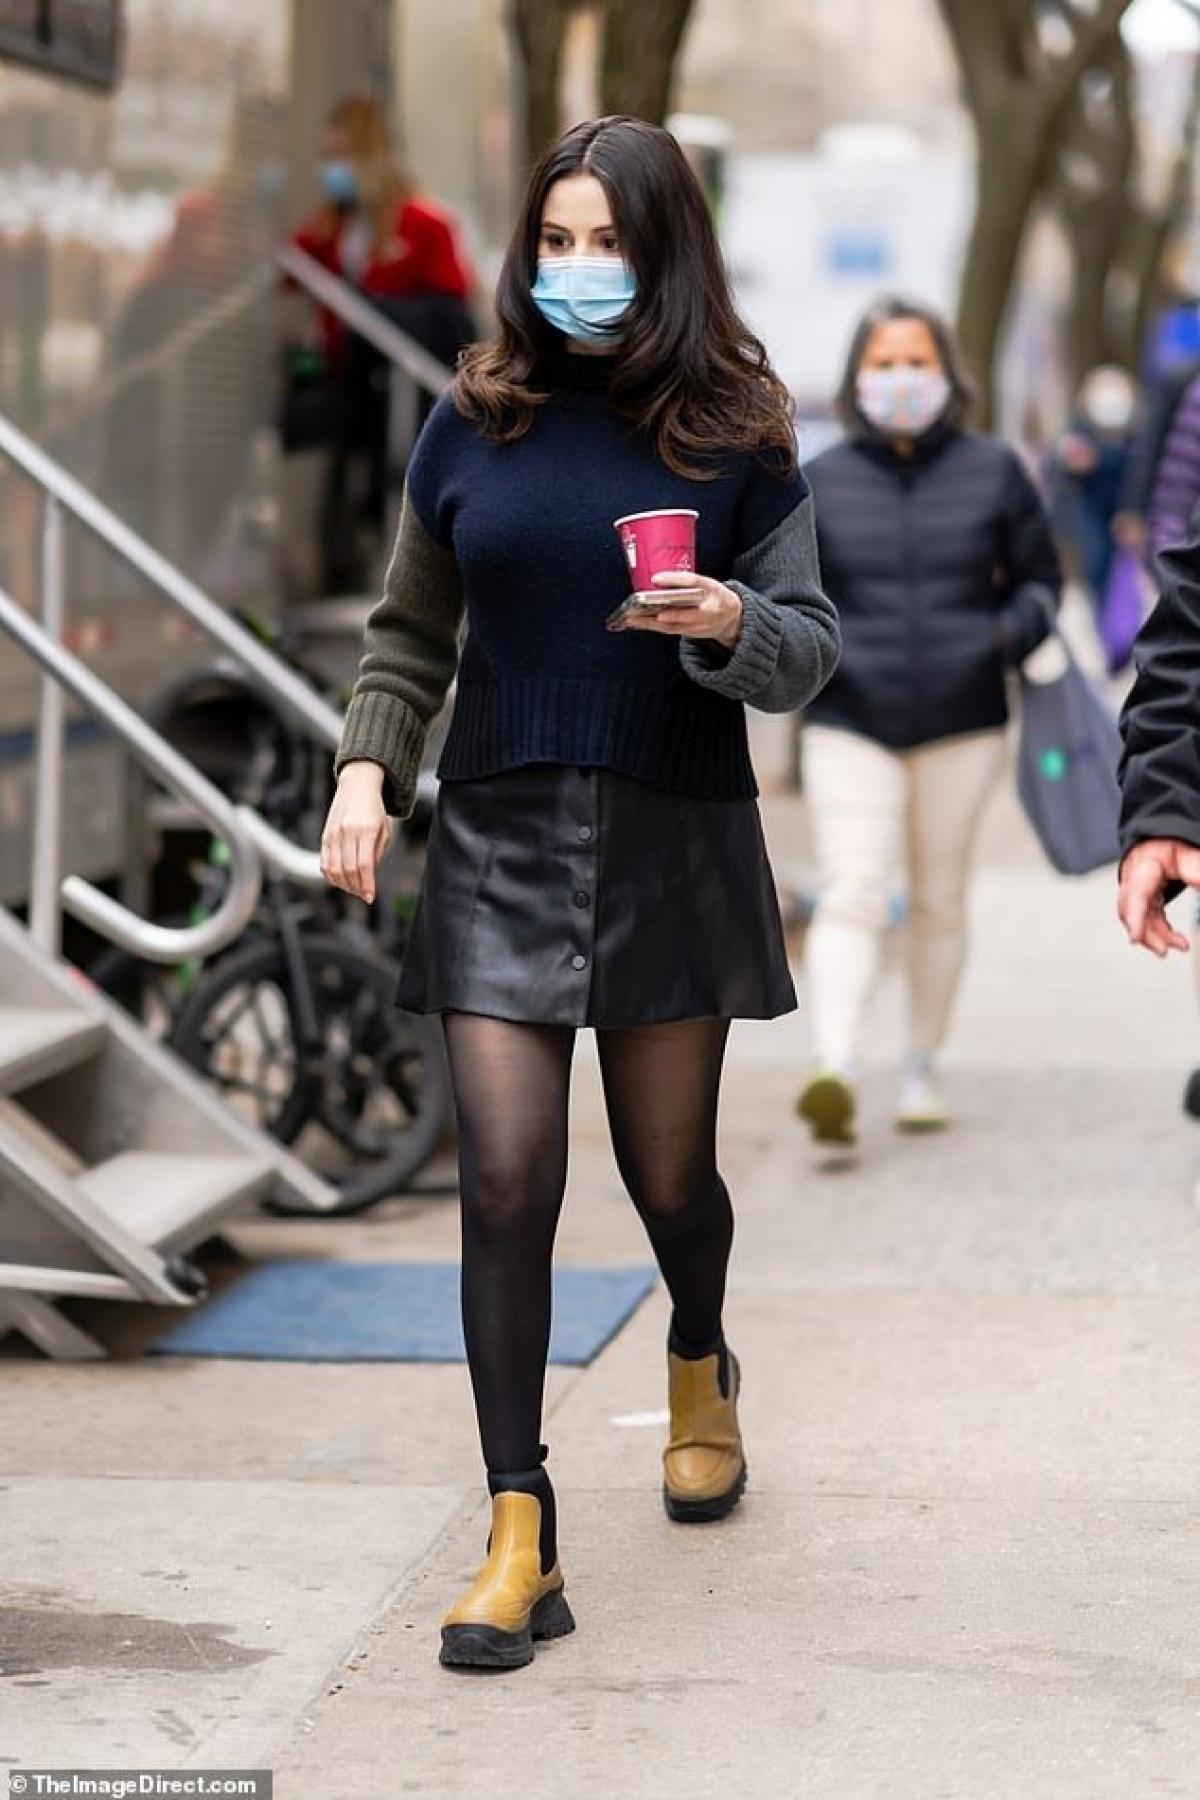 """Ngày 12/4, Selena Gomez trở thành """"tâm điểm"""" của sự chú ý khi đến phim trường để tiếp tục thực hiện những cảnh quay mới trong phim """"Only Murders in the Building"""" ở New York."""